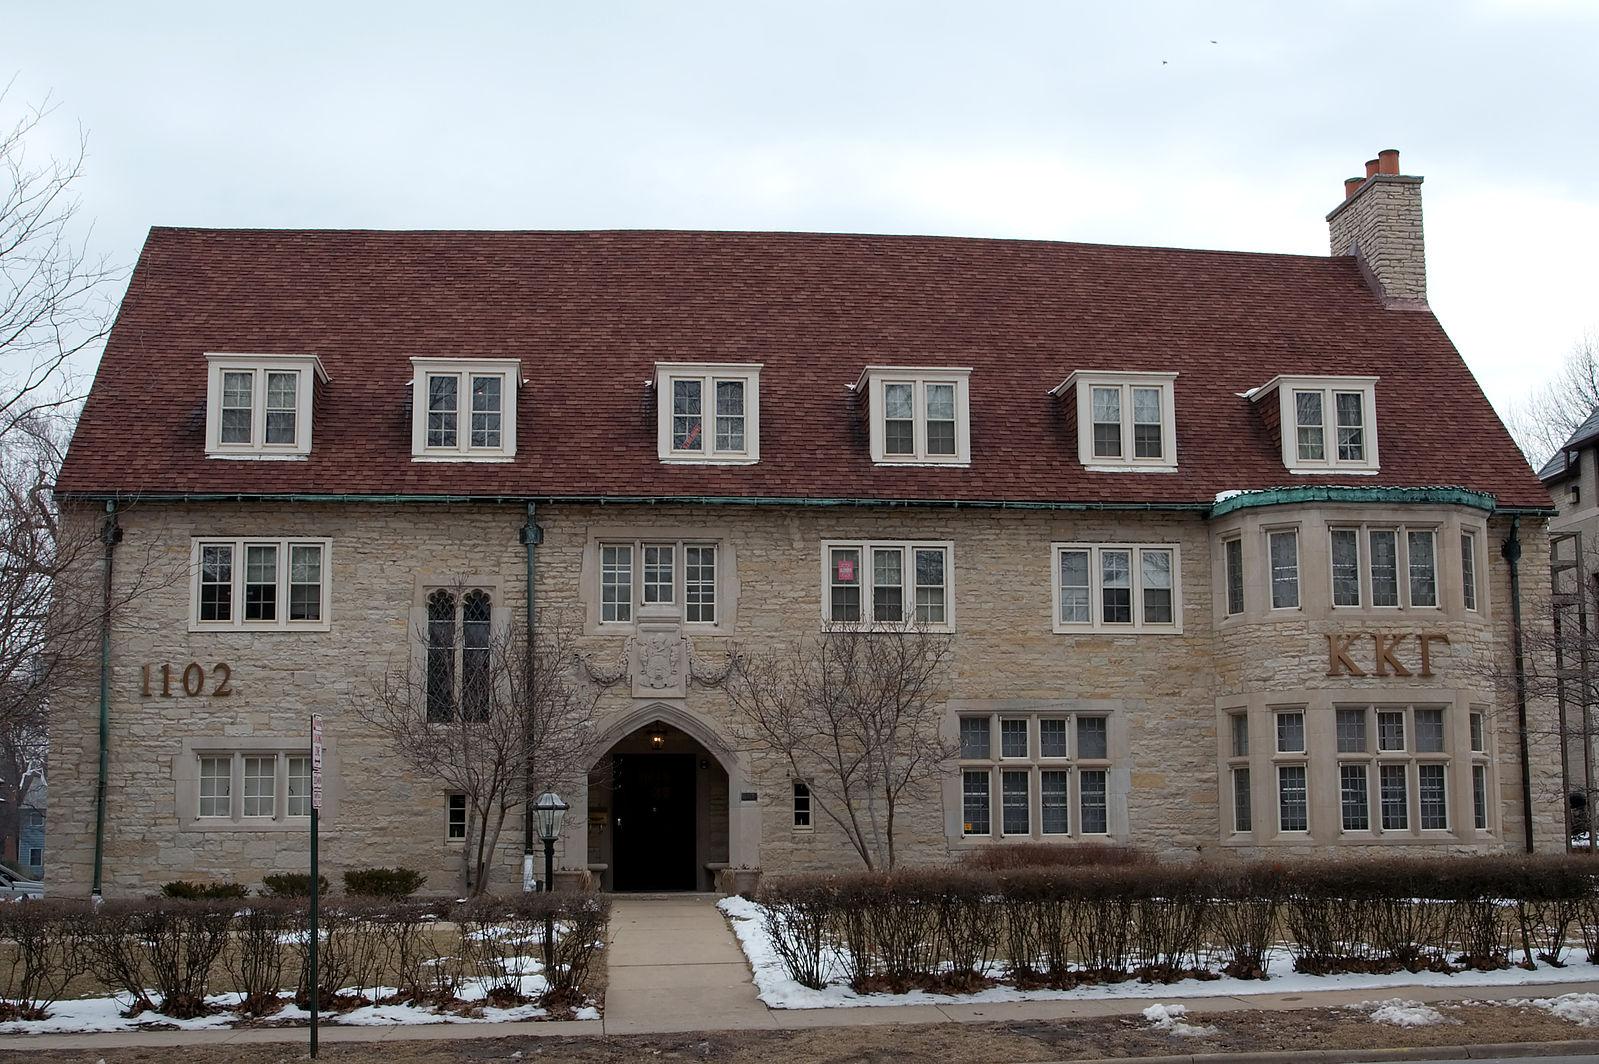 Kappa Kappa Gamma Sorority House https://en.wikipedia.org/wiki/File:KappaKappaGammaSororityHouse_Urbana_Illinois_4419.jpg